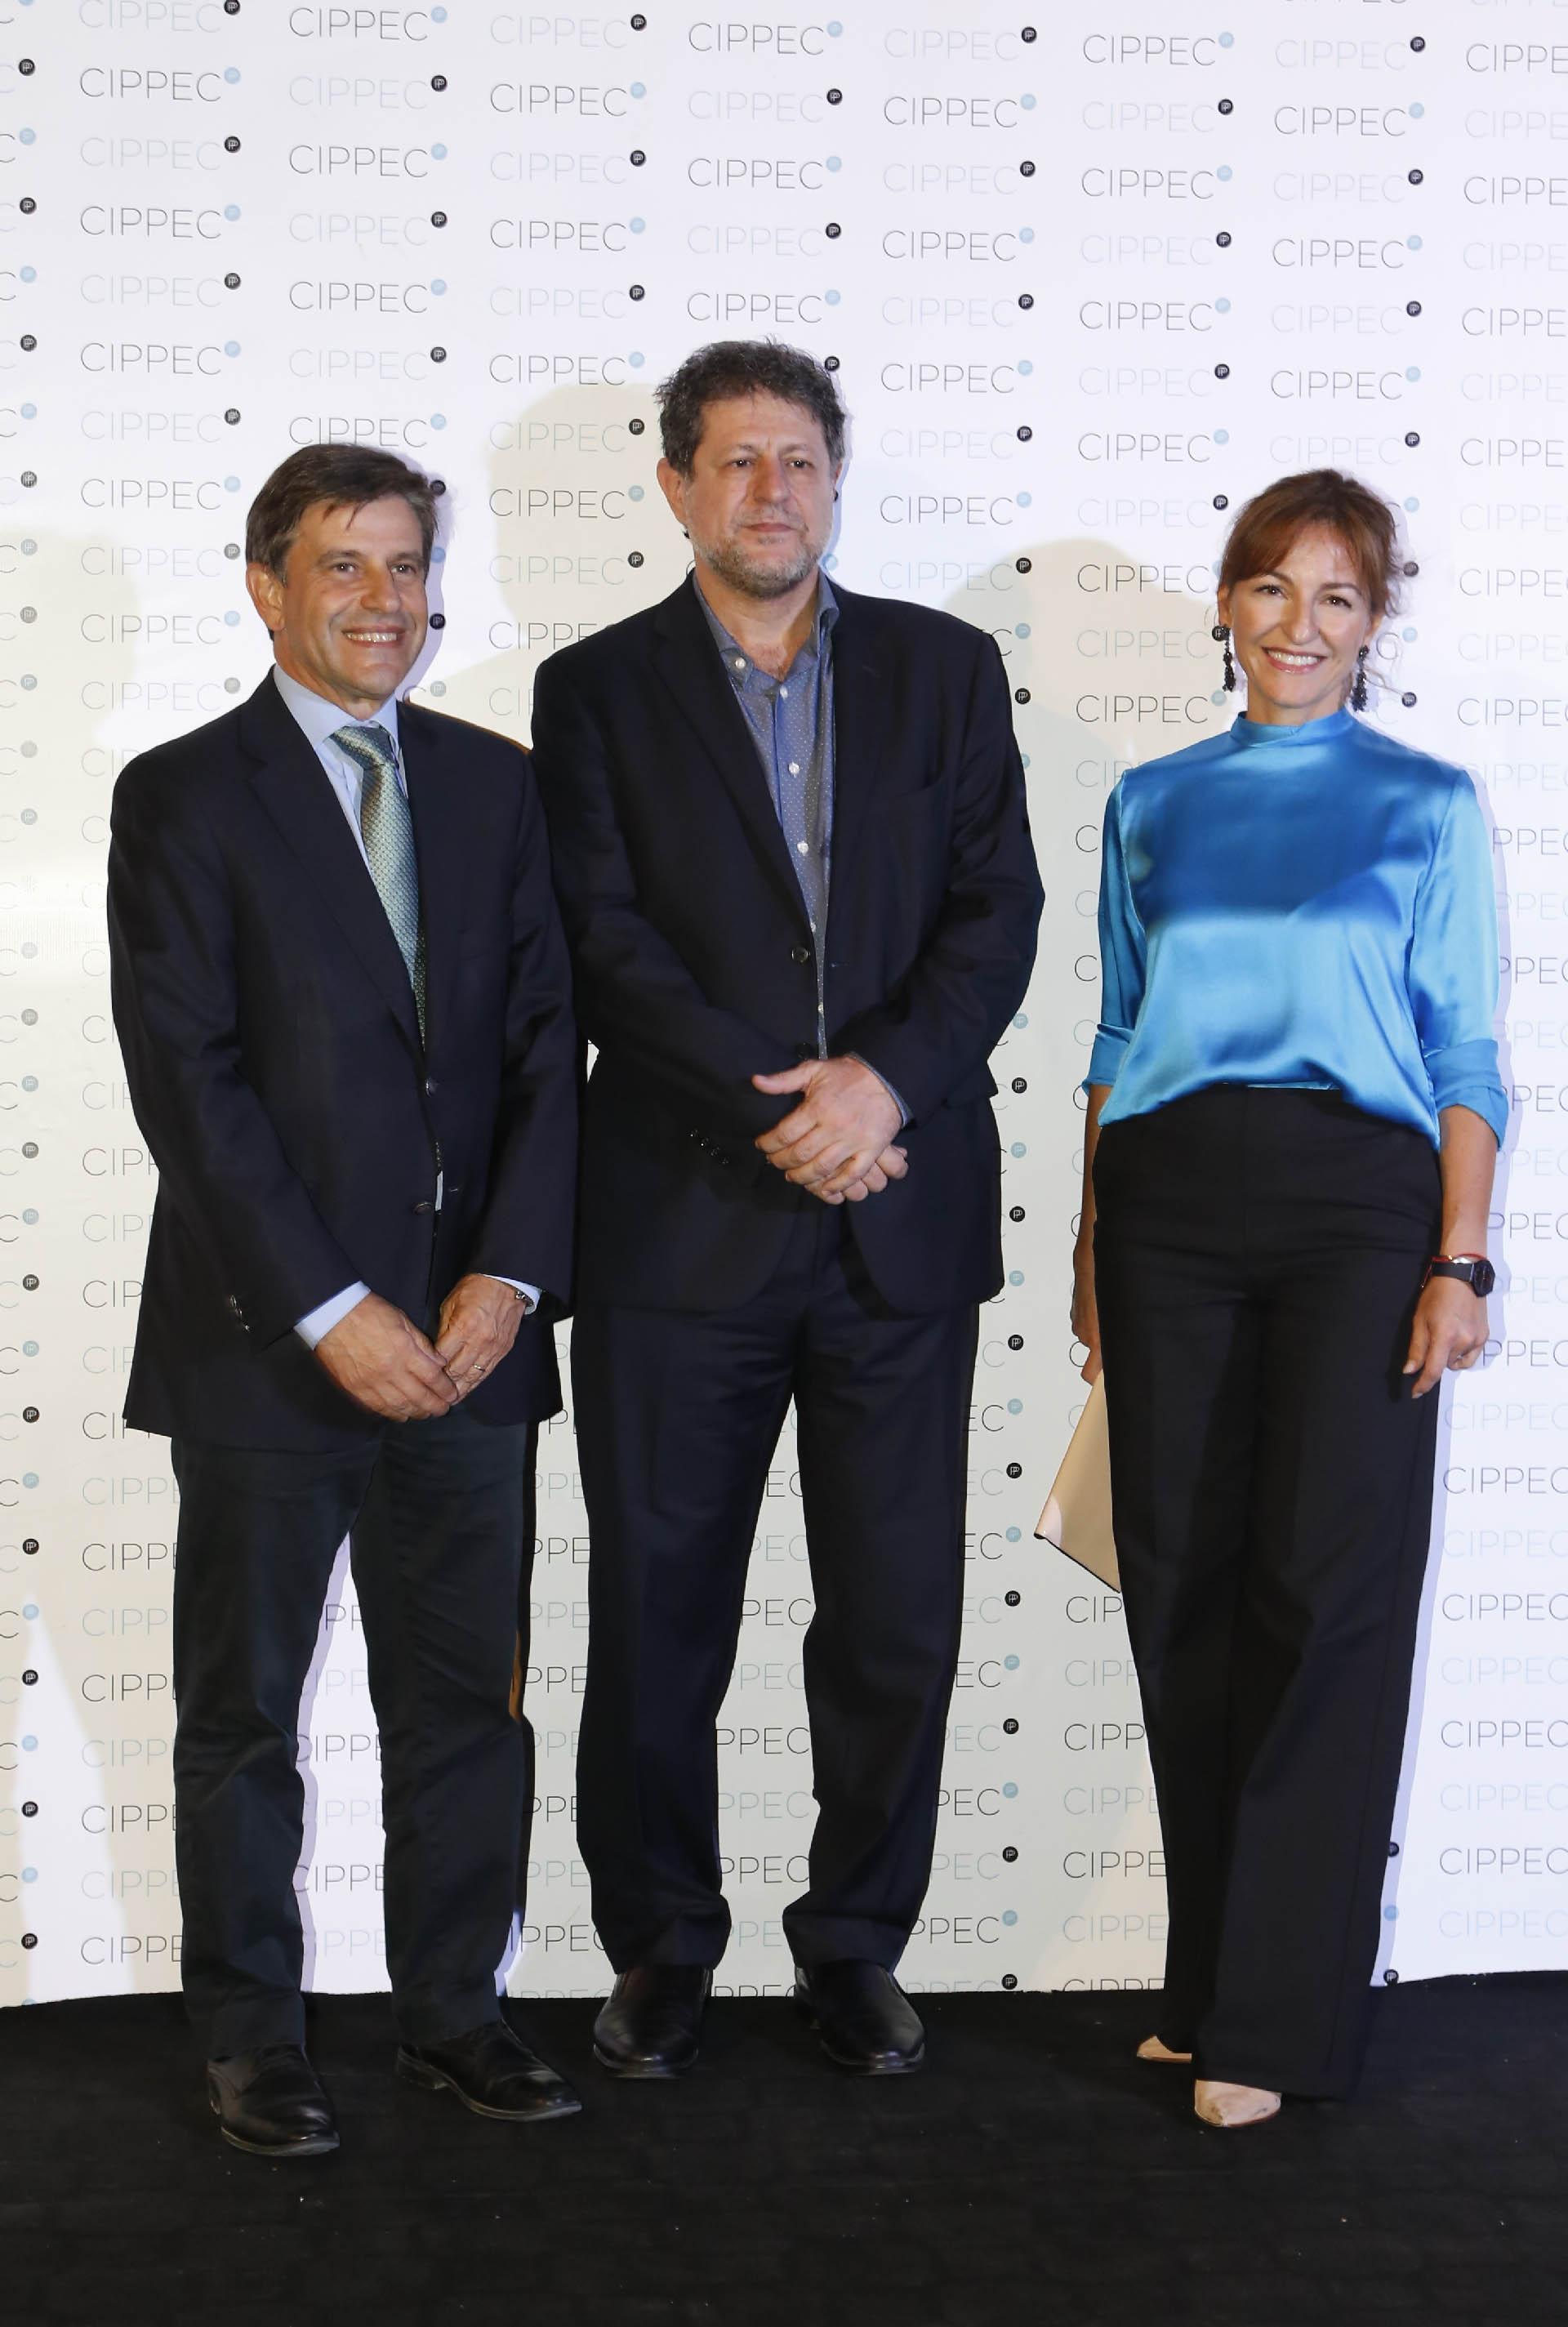 El ministro de Desarrollo Urbano y Transporte porteño, Franco Moccia; Eduardo Levy Yeyati y Soledad Acuña, ministra de Educación porteña